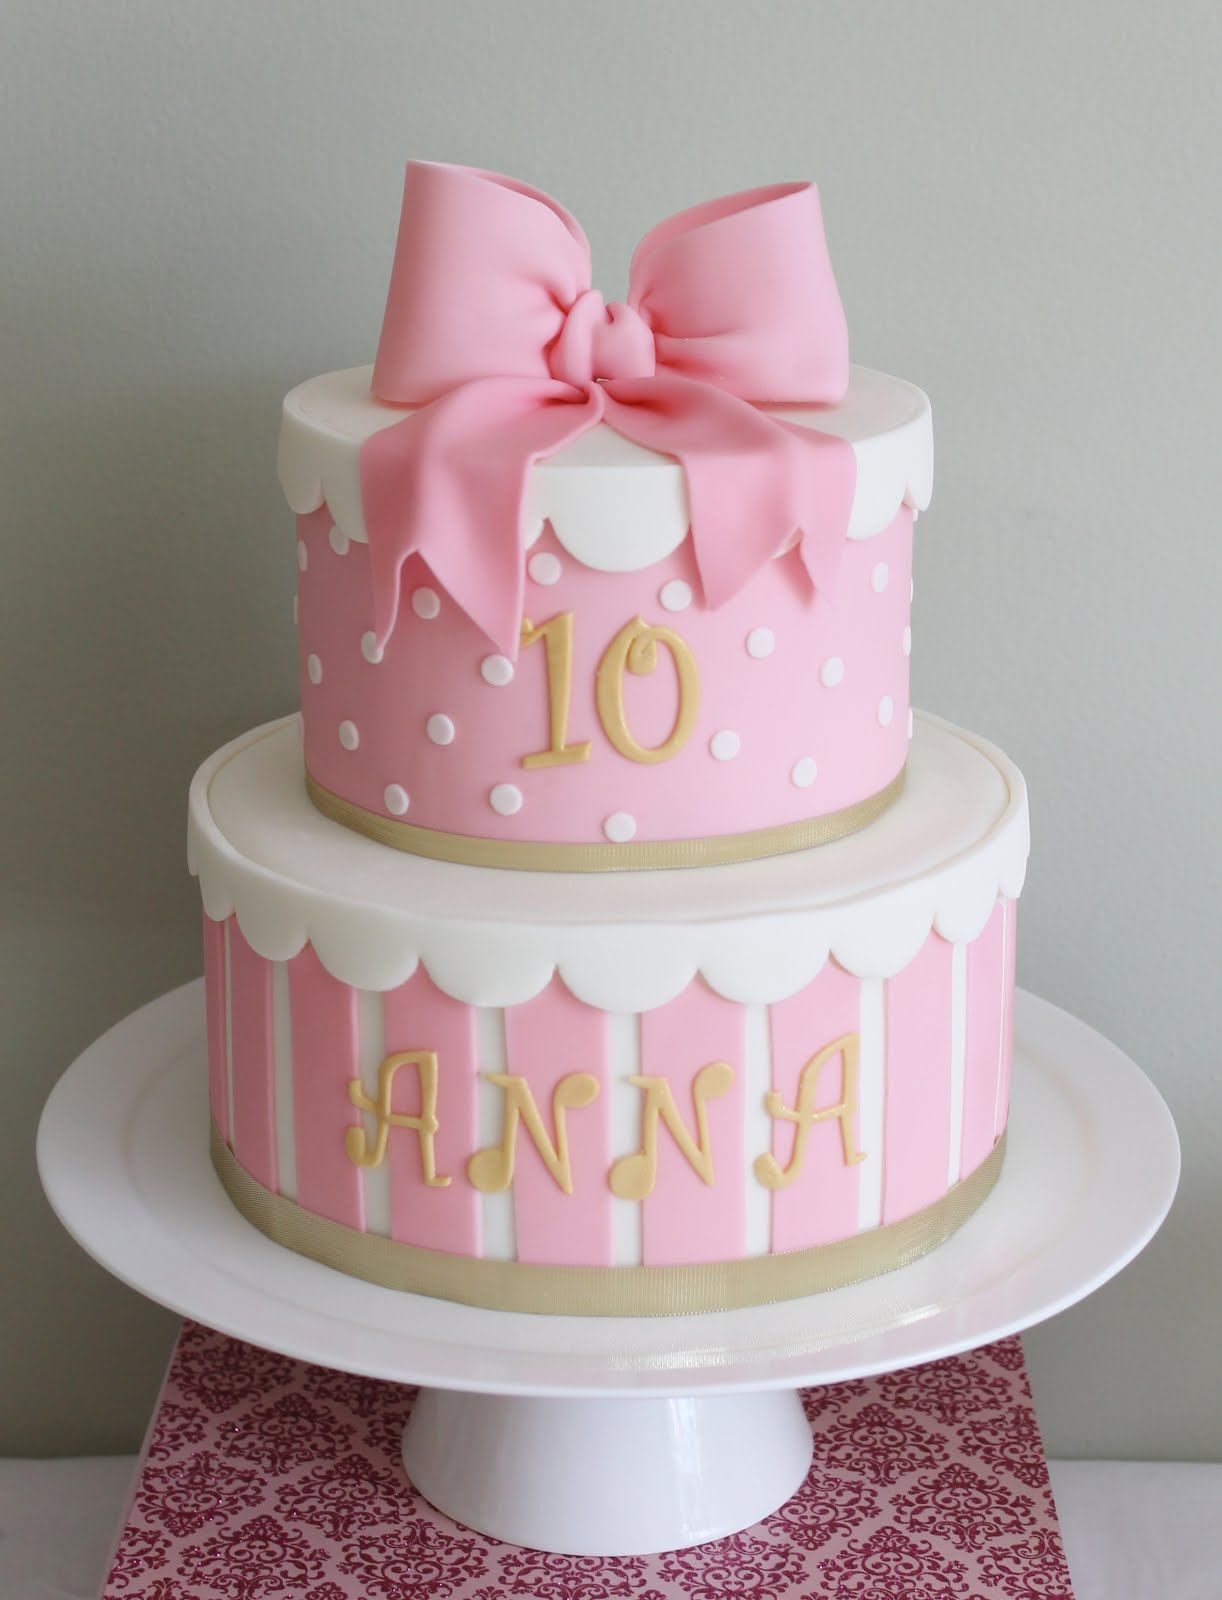 041 Jpg 1222 1600 Mit Bildern Rosa Kuchen Madchen Kuchen